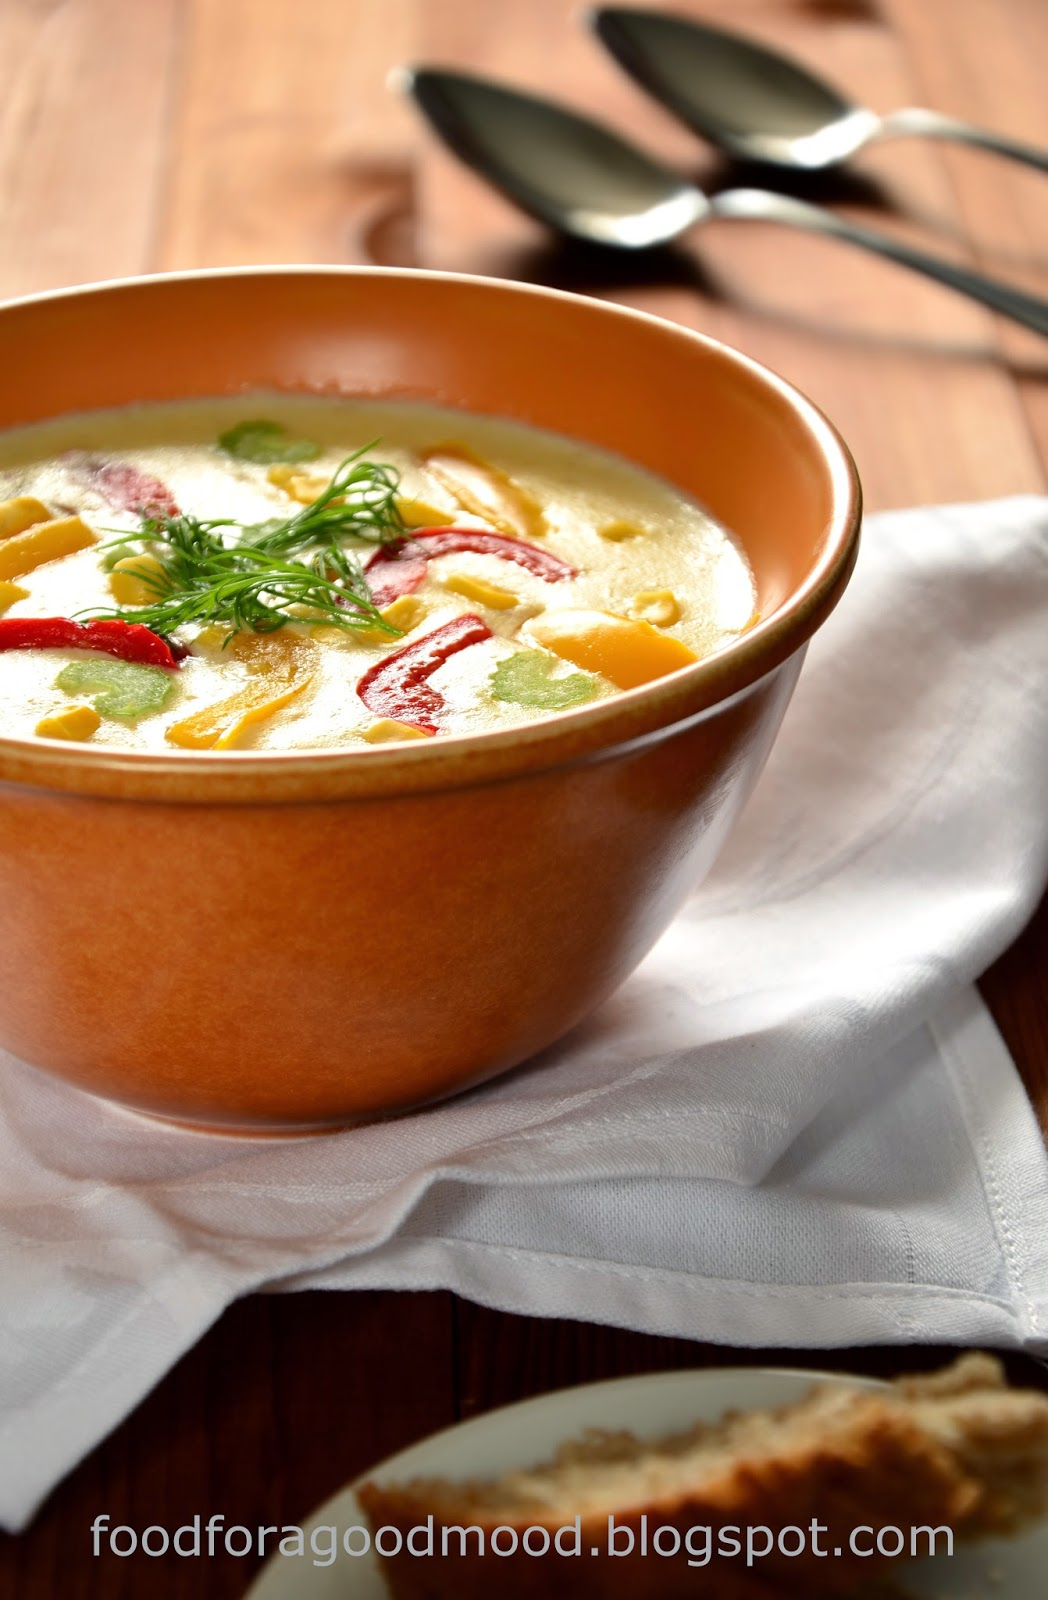 Ta nietypowa potrawa to klasyka kuchni anglosaskiej. Pierwotnie była pożywną zupą rybną lub z dodatkiem owoców morza, jednak doczekała się nieskończonej ilości odmian. Jedno jednak pozostało niezmienne - gęsta i kremowa konsystencja będąca wynikiem zabielenia śmietaną i mlekiem. Obok chowderów bazujących na owocach morza równie popularną wersją jest chowder z dodatkiem kukurydzy, z dużą ilością warzyw. Często serwuje się go z boczkiem, ale w wersja wegetariańska robi naprawdę świetną robotę! Zatem zapraszam :)